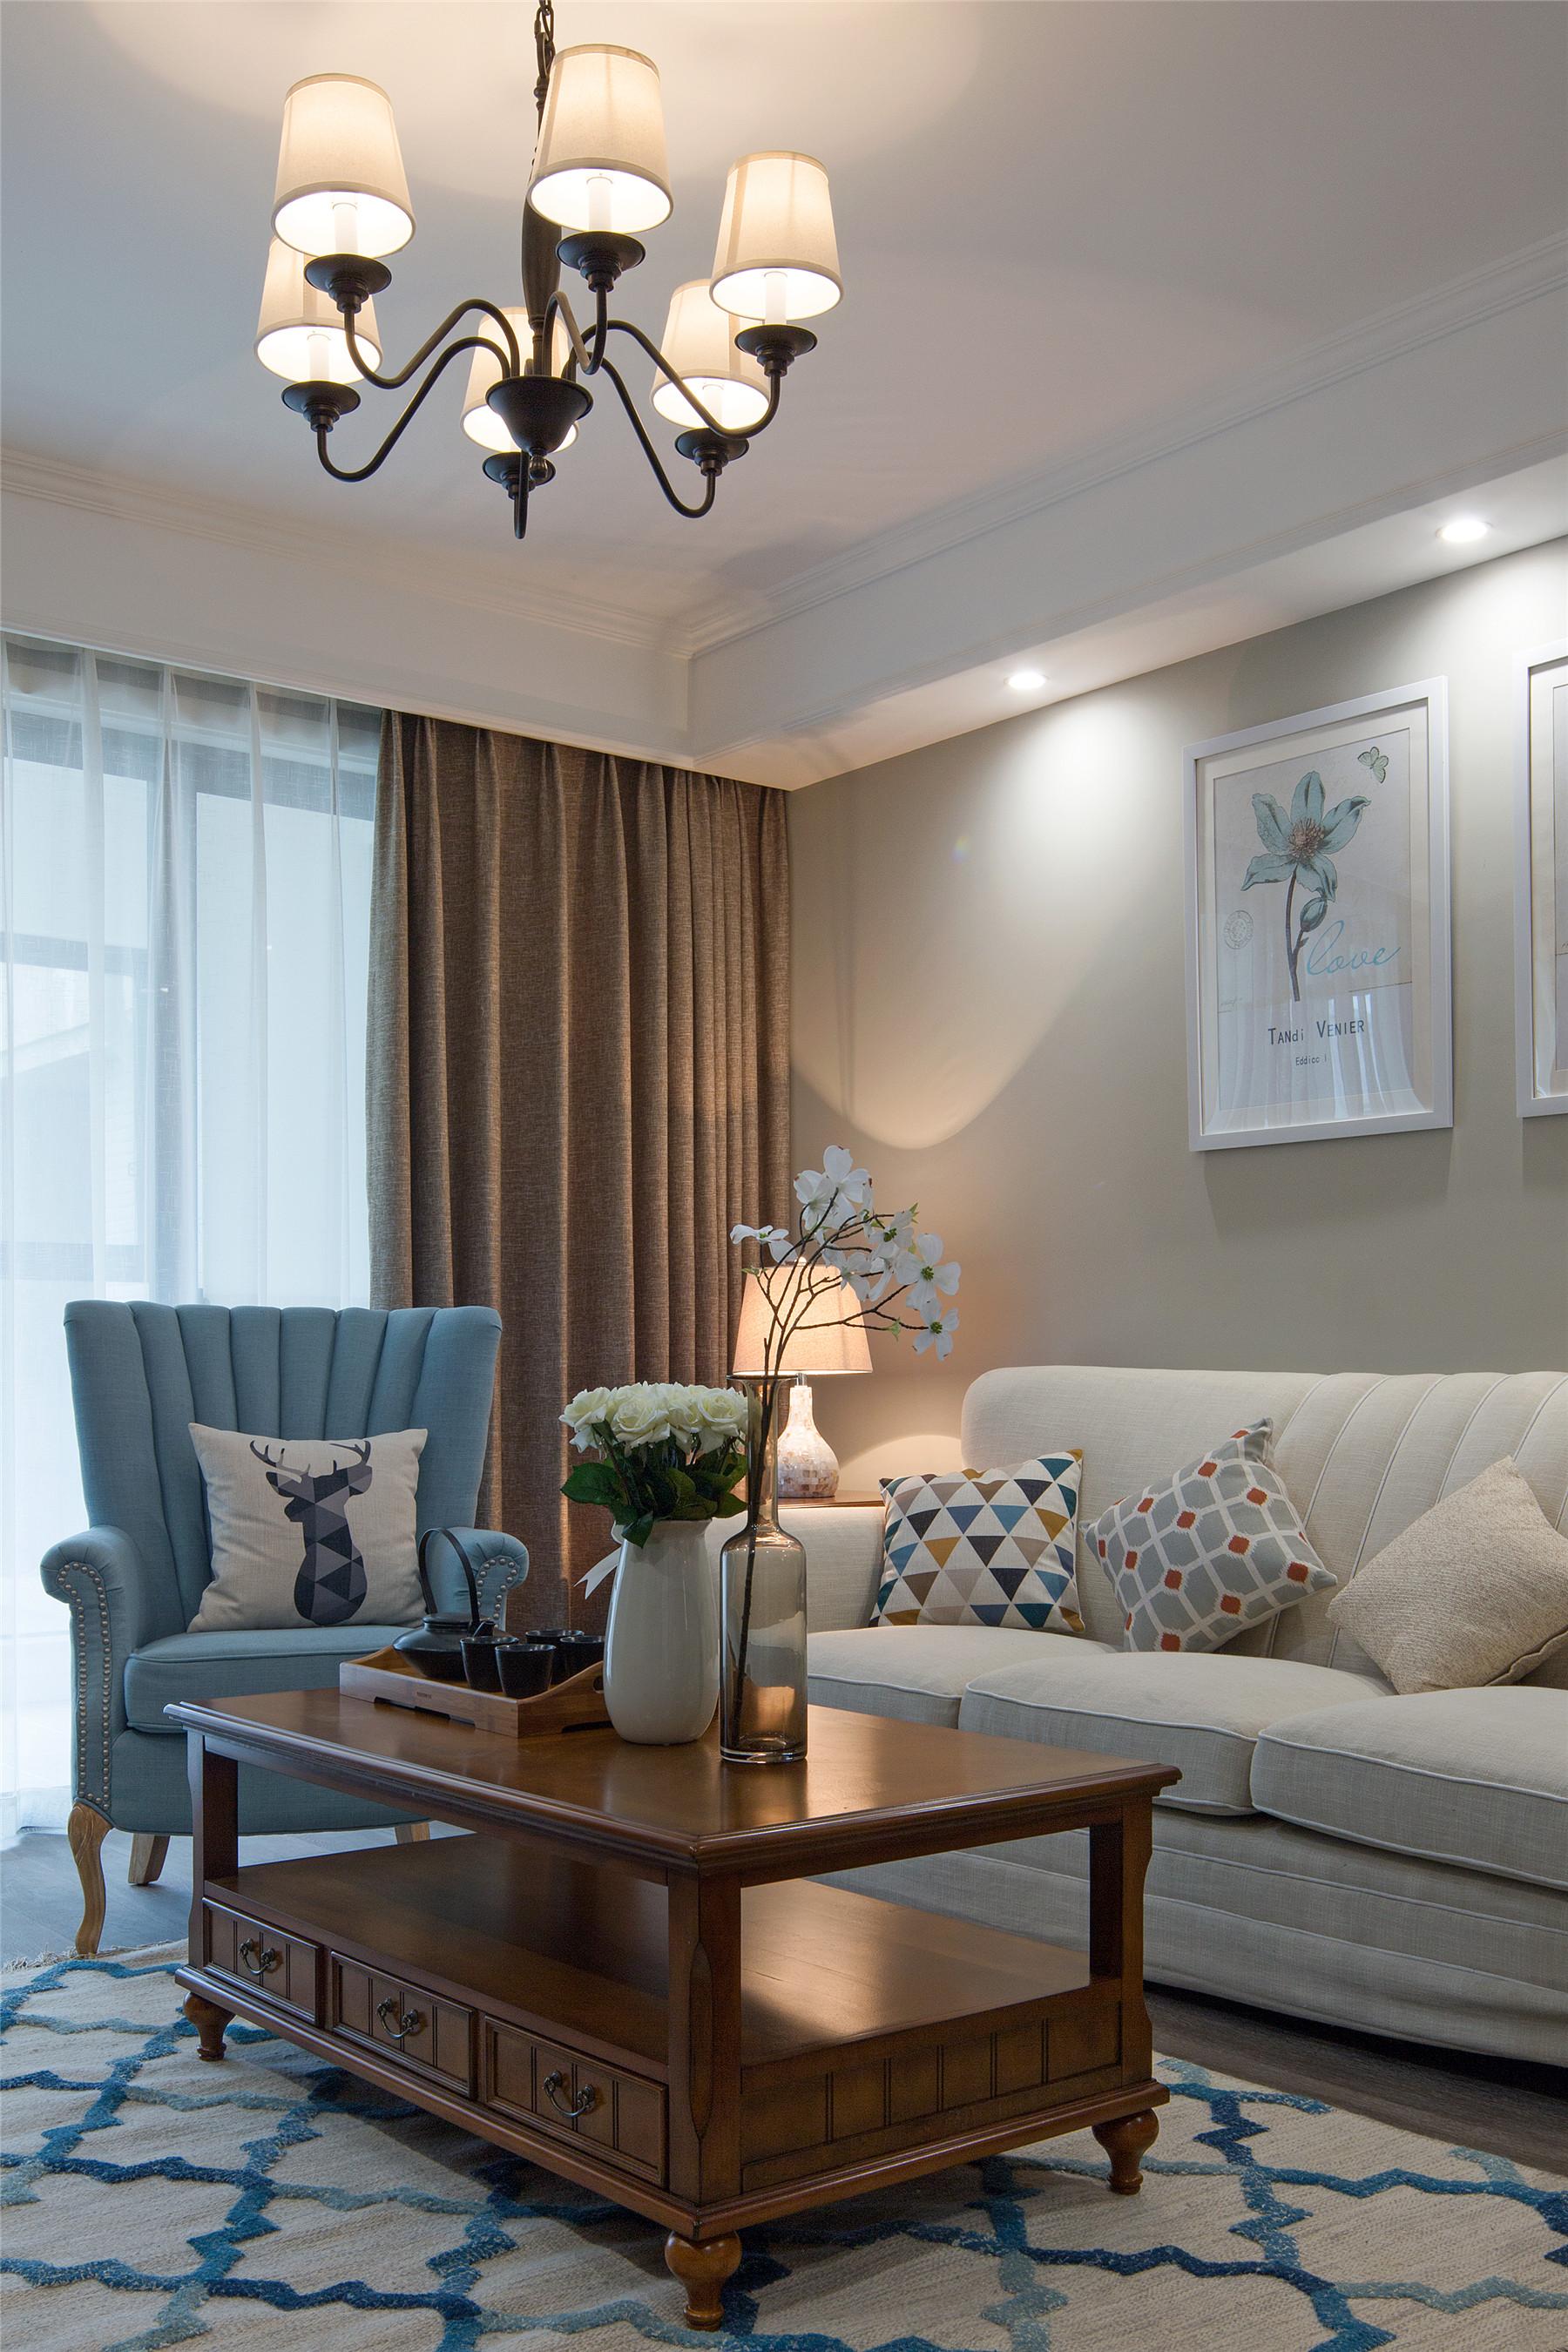 融景城 美式 重庆唐卡 唐卡装饰 客厅图片来自黄丑丑99在融景城——简美的分享